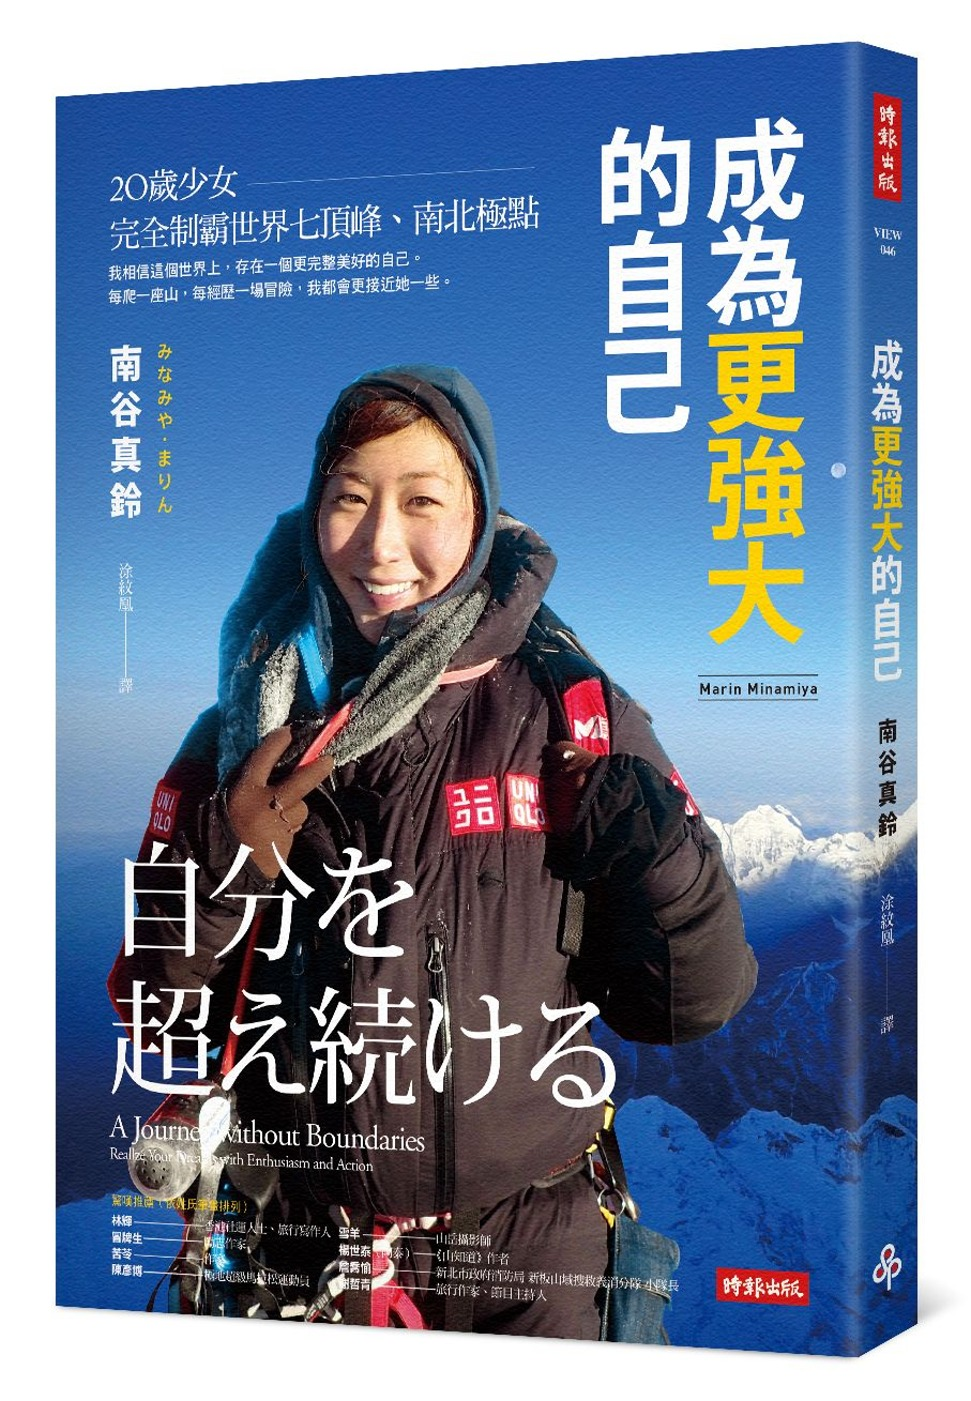 《成為更強大的自己:20歲少女完全制霸世界七頂峰、南北極點》 商品條碼,ISBN:9789571372648